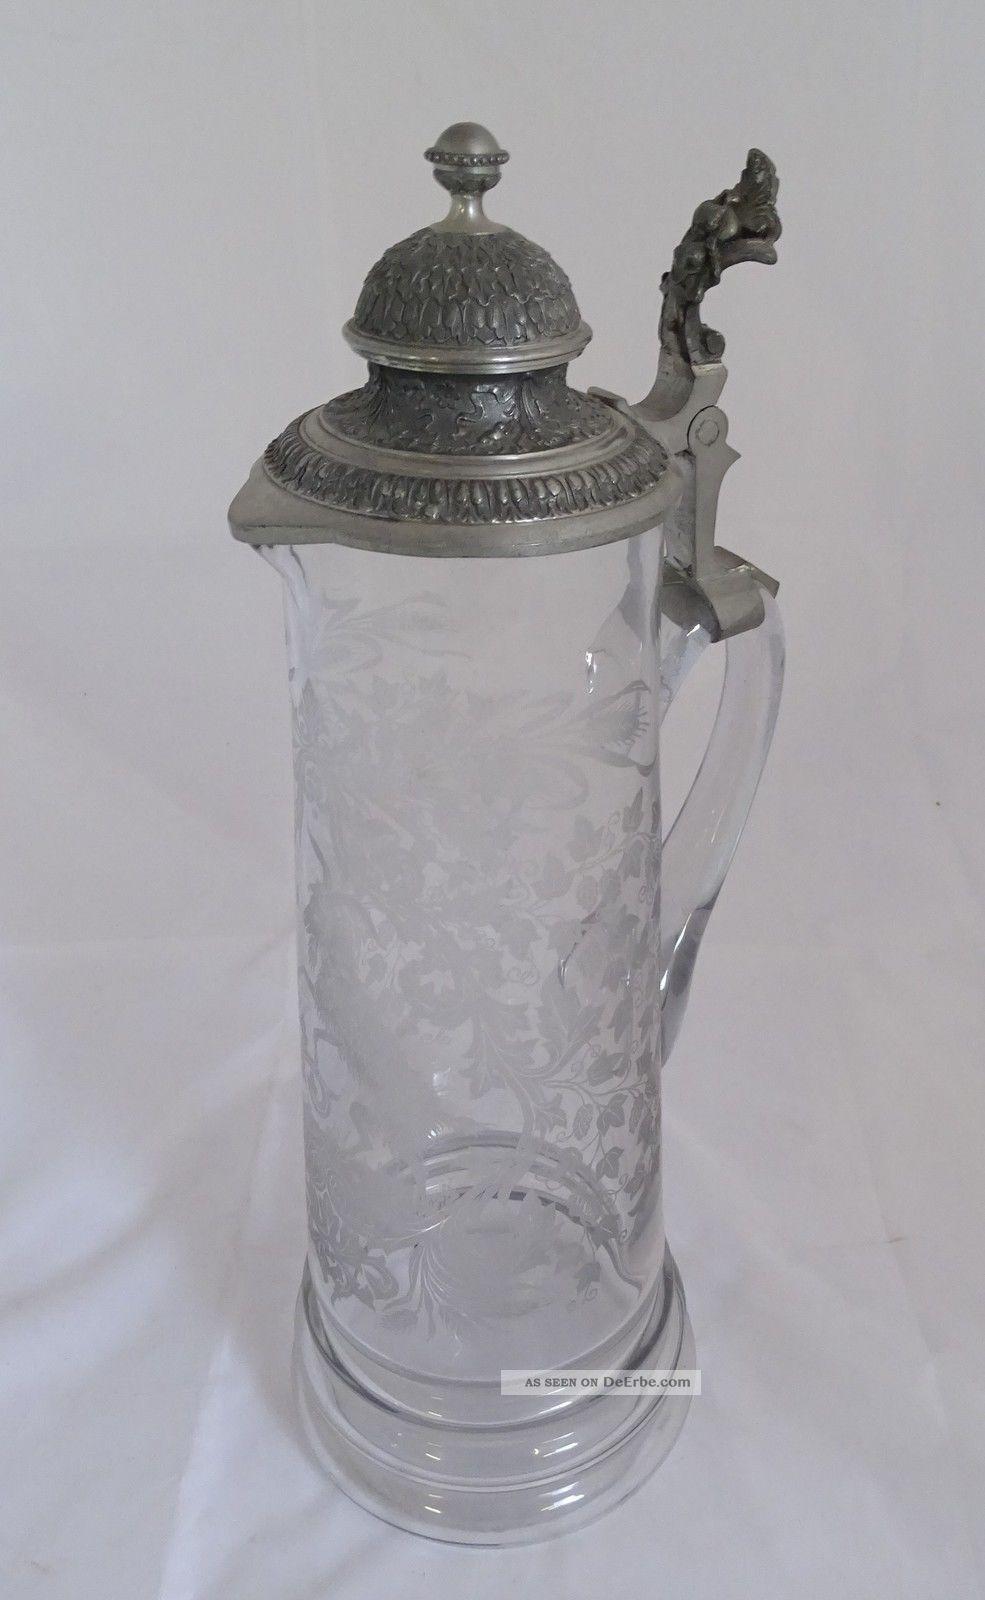 Große Seltene Historismus Schenk Kanne Glas Mit Zinn Montur Sammlerglas Bild